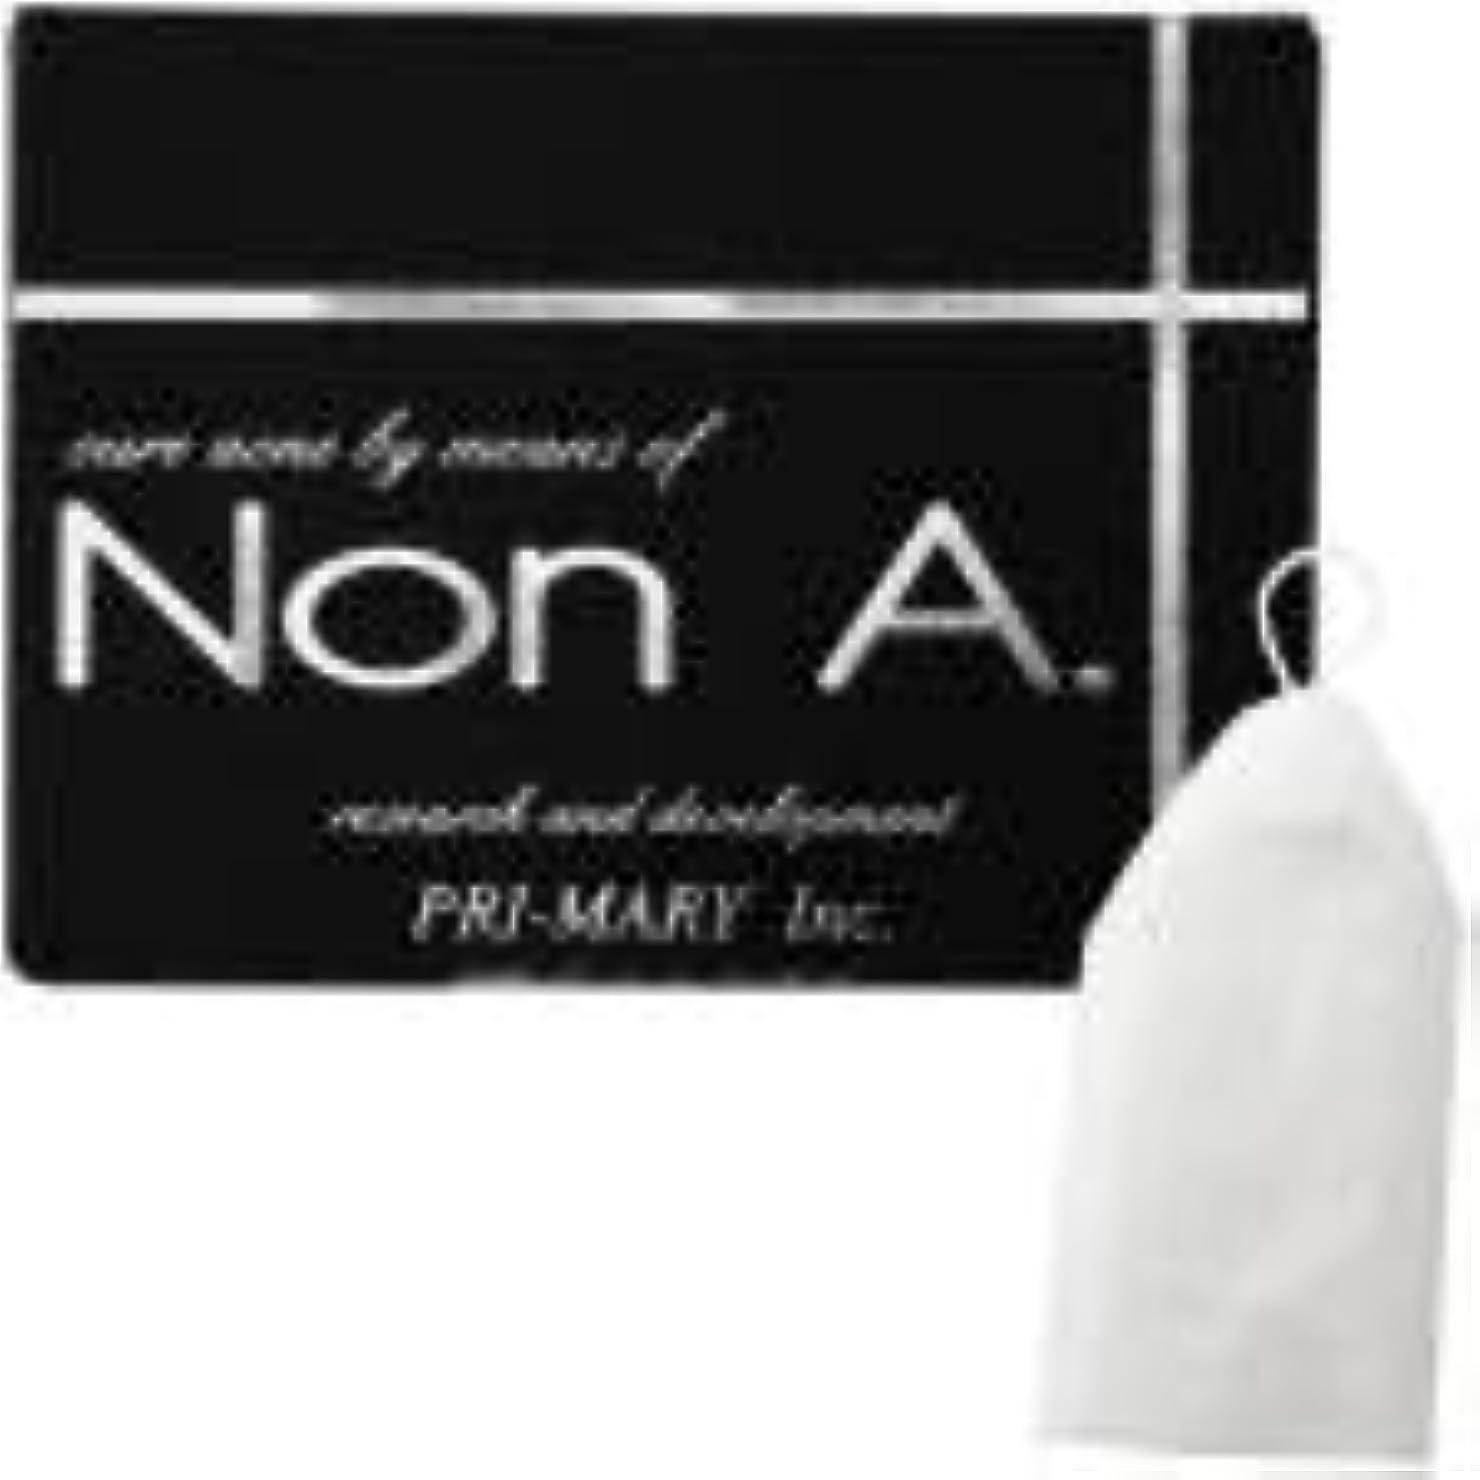 潤滑するコミュニティ州Non A. (ノンエー) 洗顔ソープ [ ニキビ対策 / 100g / 洗顔泡立てネット付 ] 洗顔せっけん ピーリング成分不使用 (プライマリー)